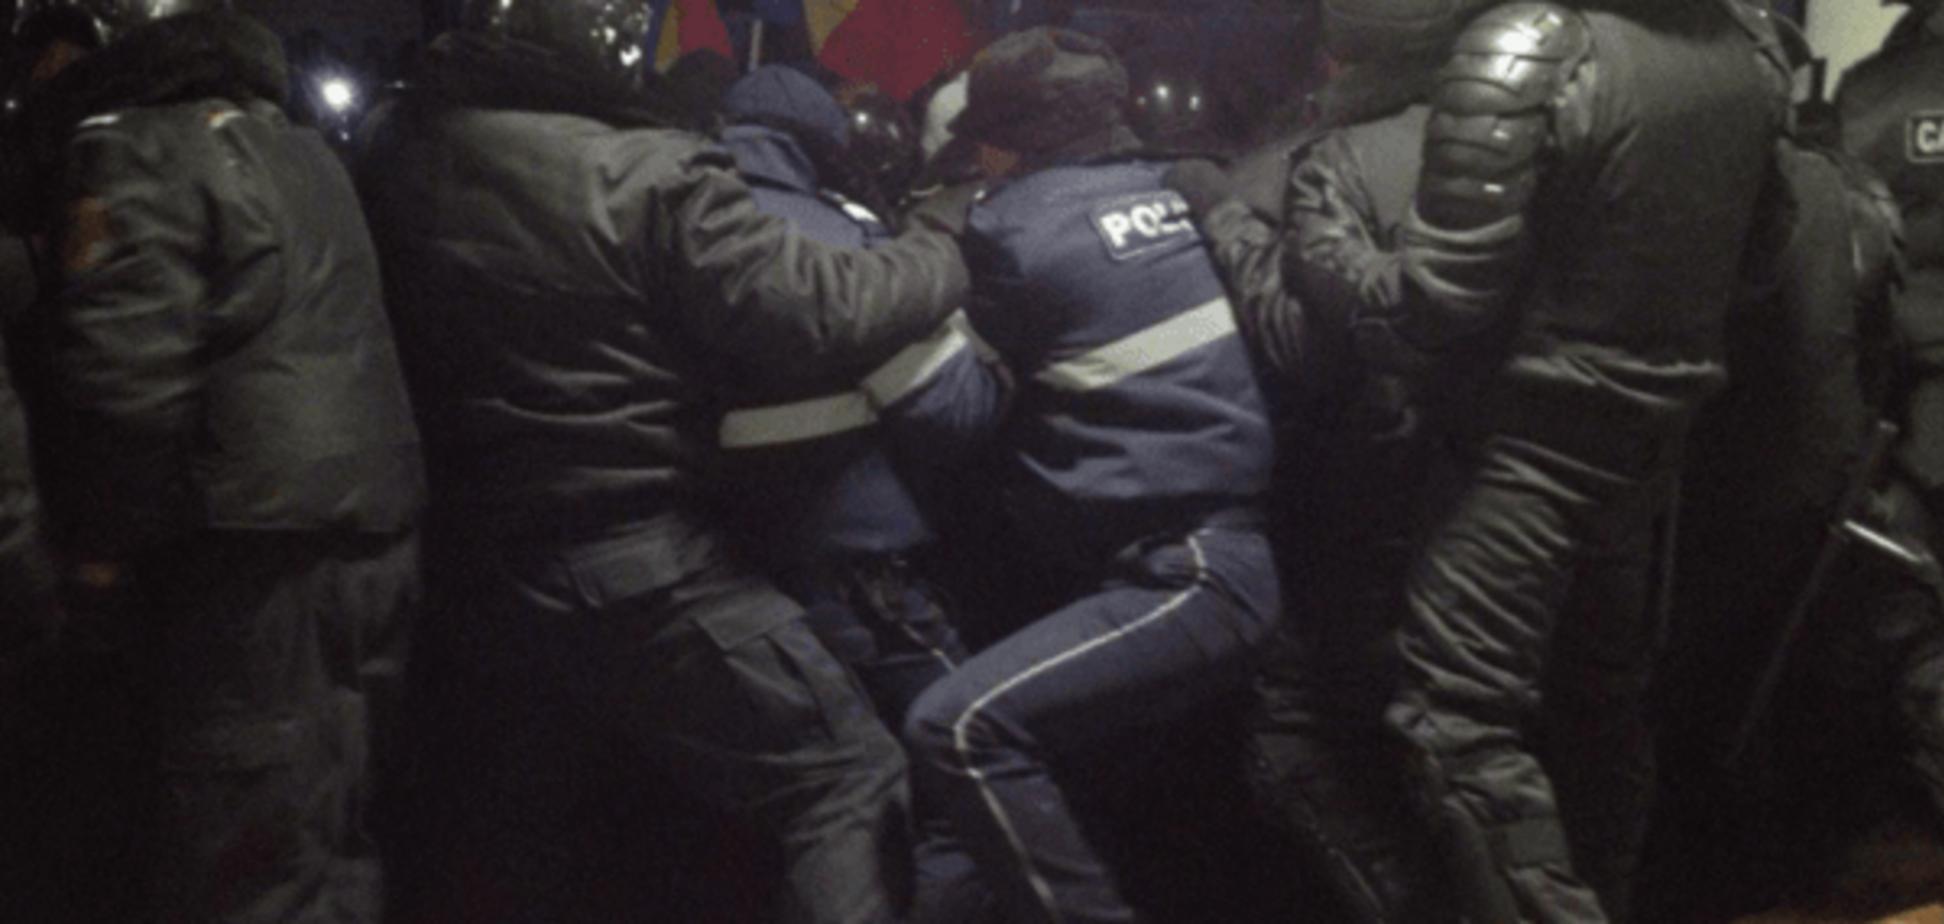 Протести в Молдові: названо кількість постраждалих в зіткненнях